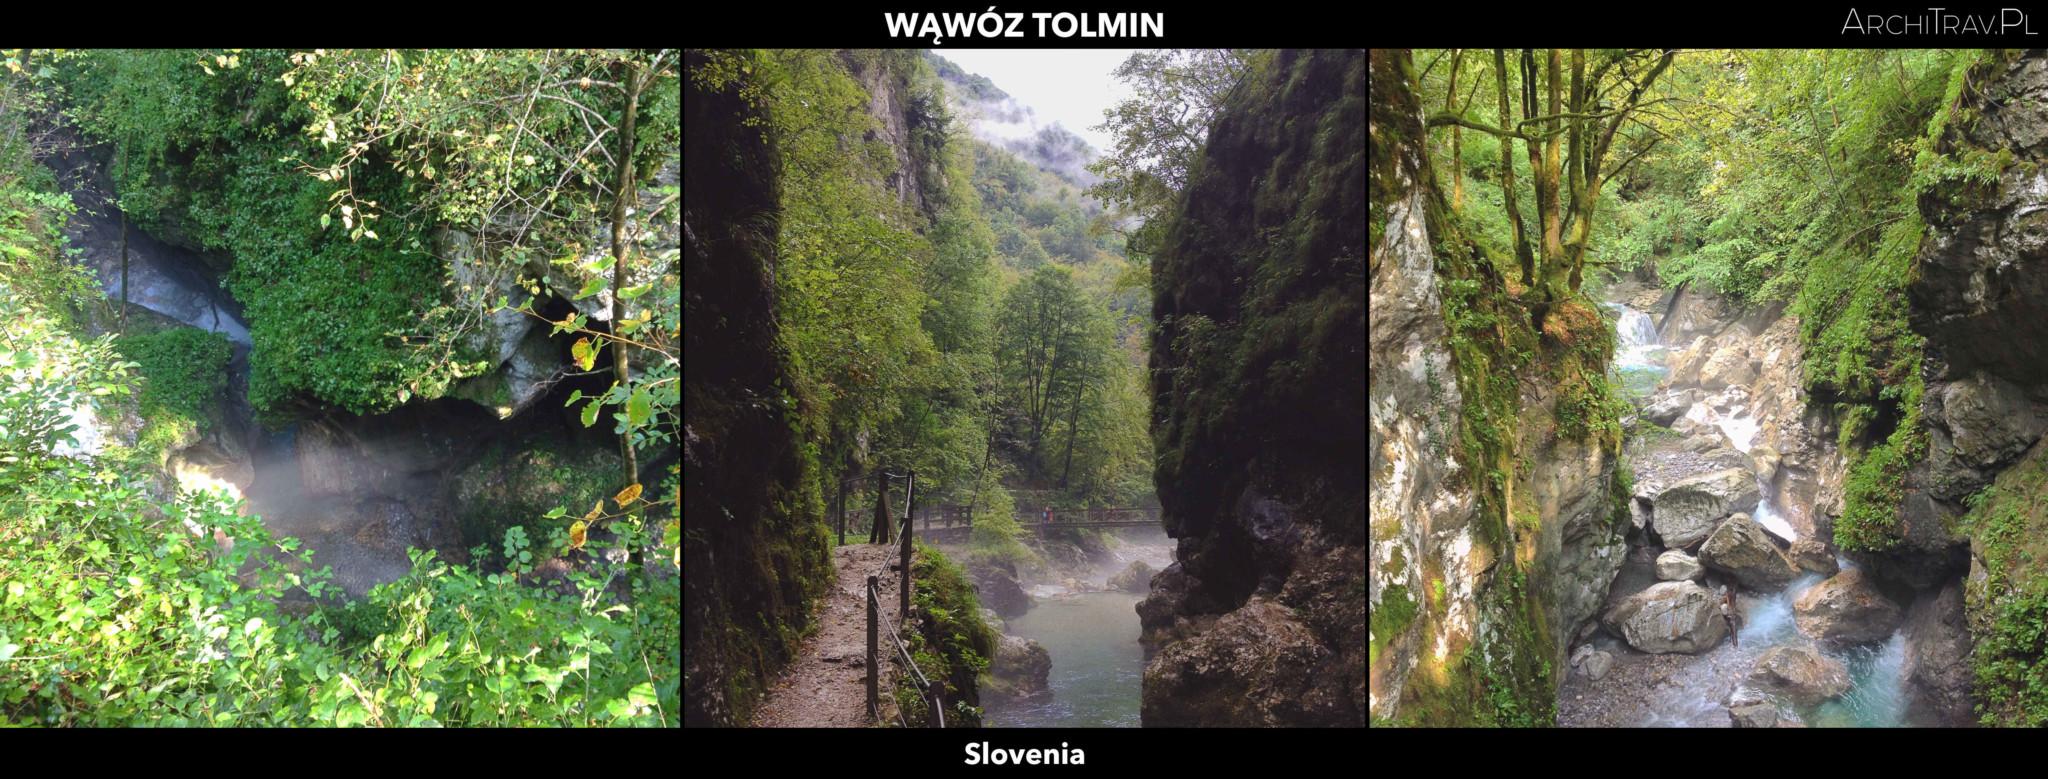 Slowenia Wawoz Tolmin